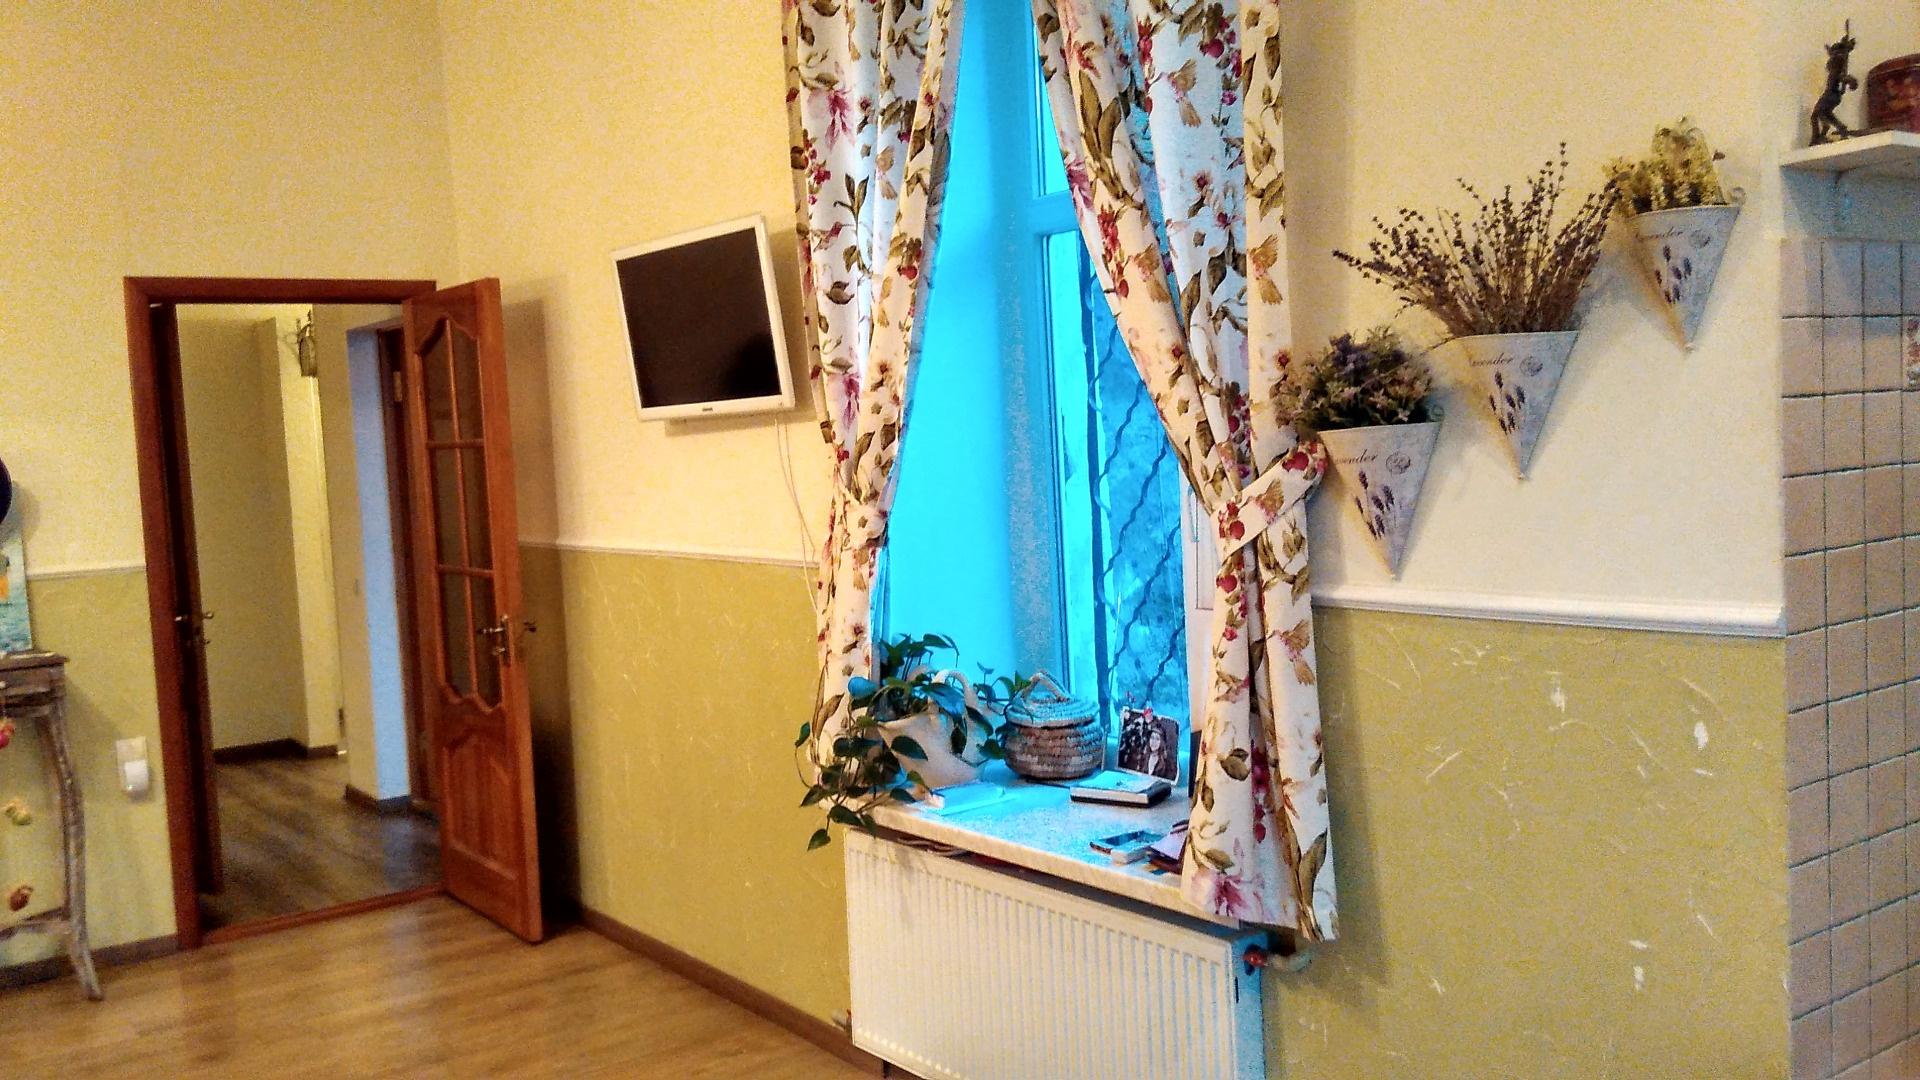 Продается 3-комнатная квартира на ул. Малая Арнаутская (Воровского) — 130 000 у.е. (фото №24)